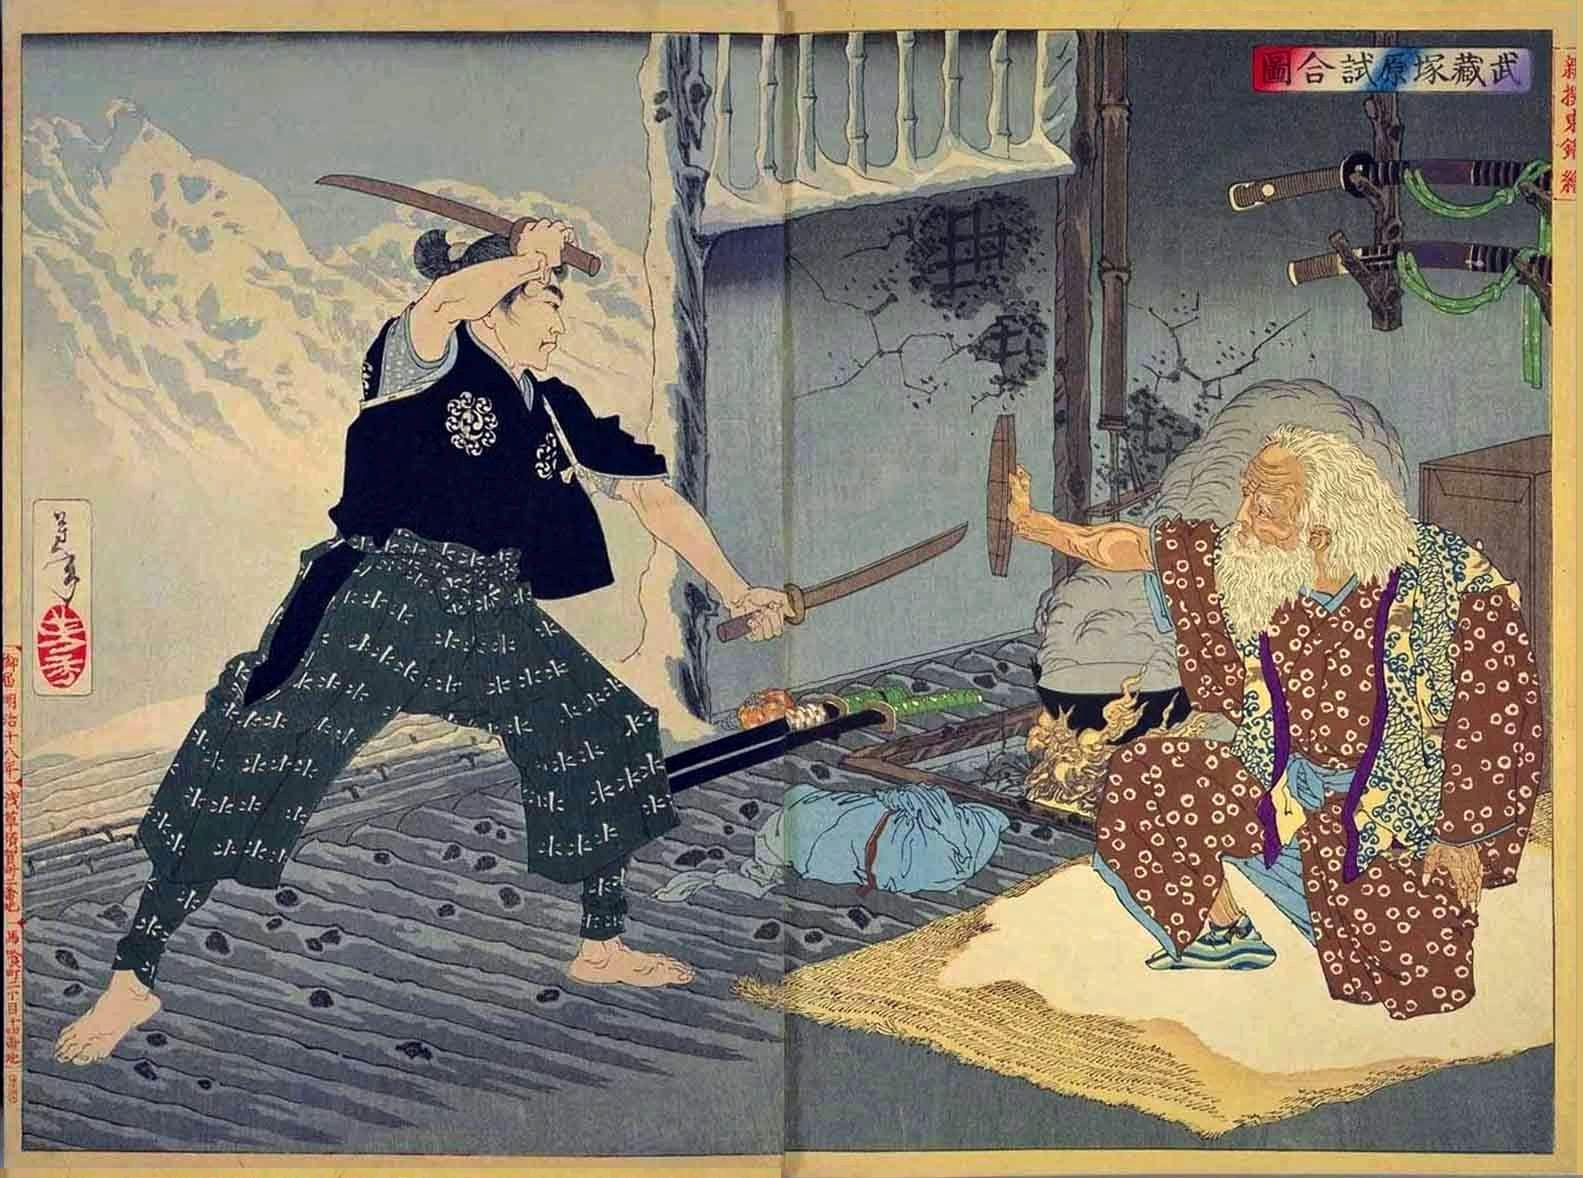 (imagem: reprodução fotográfica de uma pintura em ukiyo-e, Domínio Público)